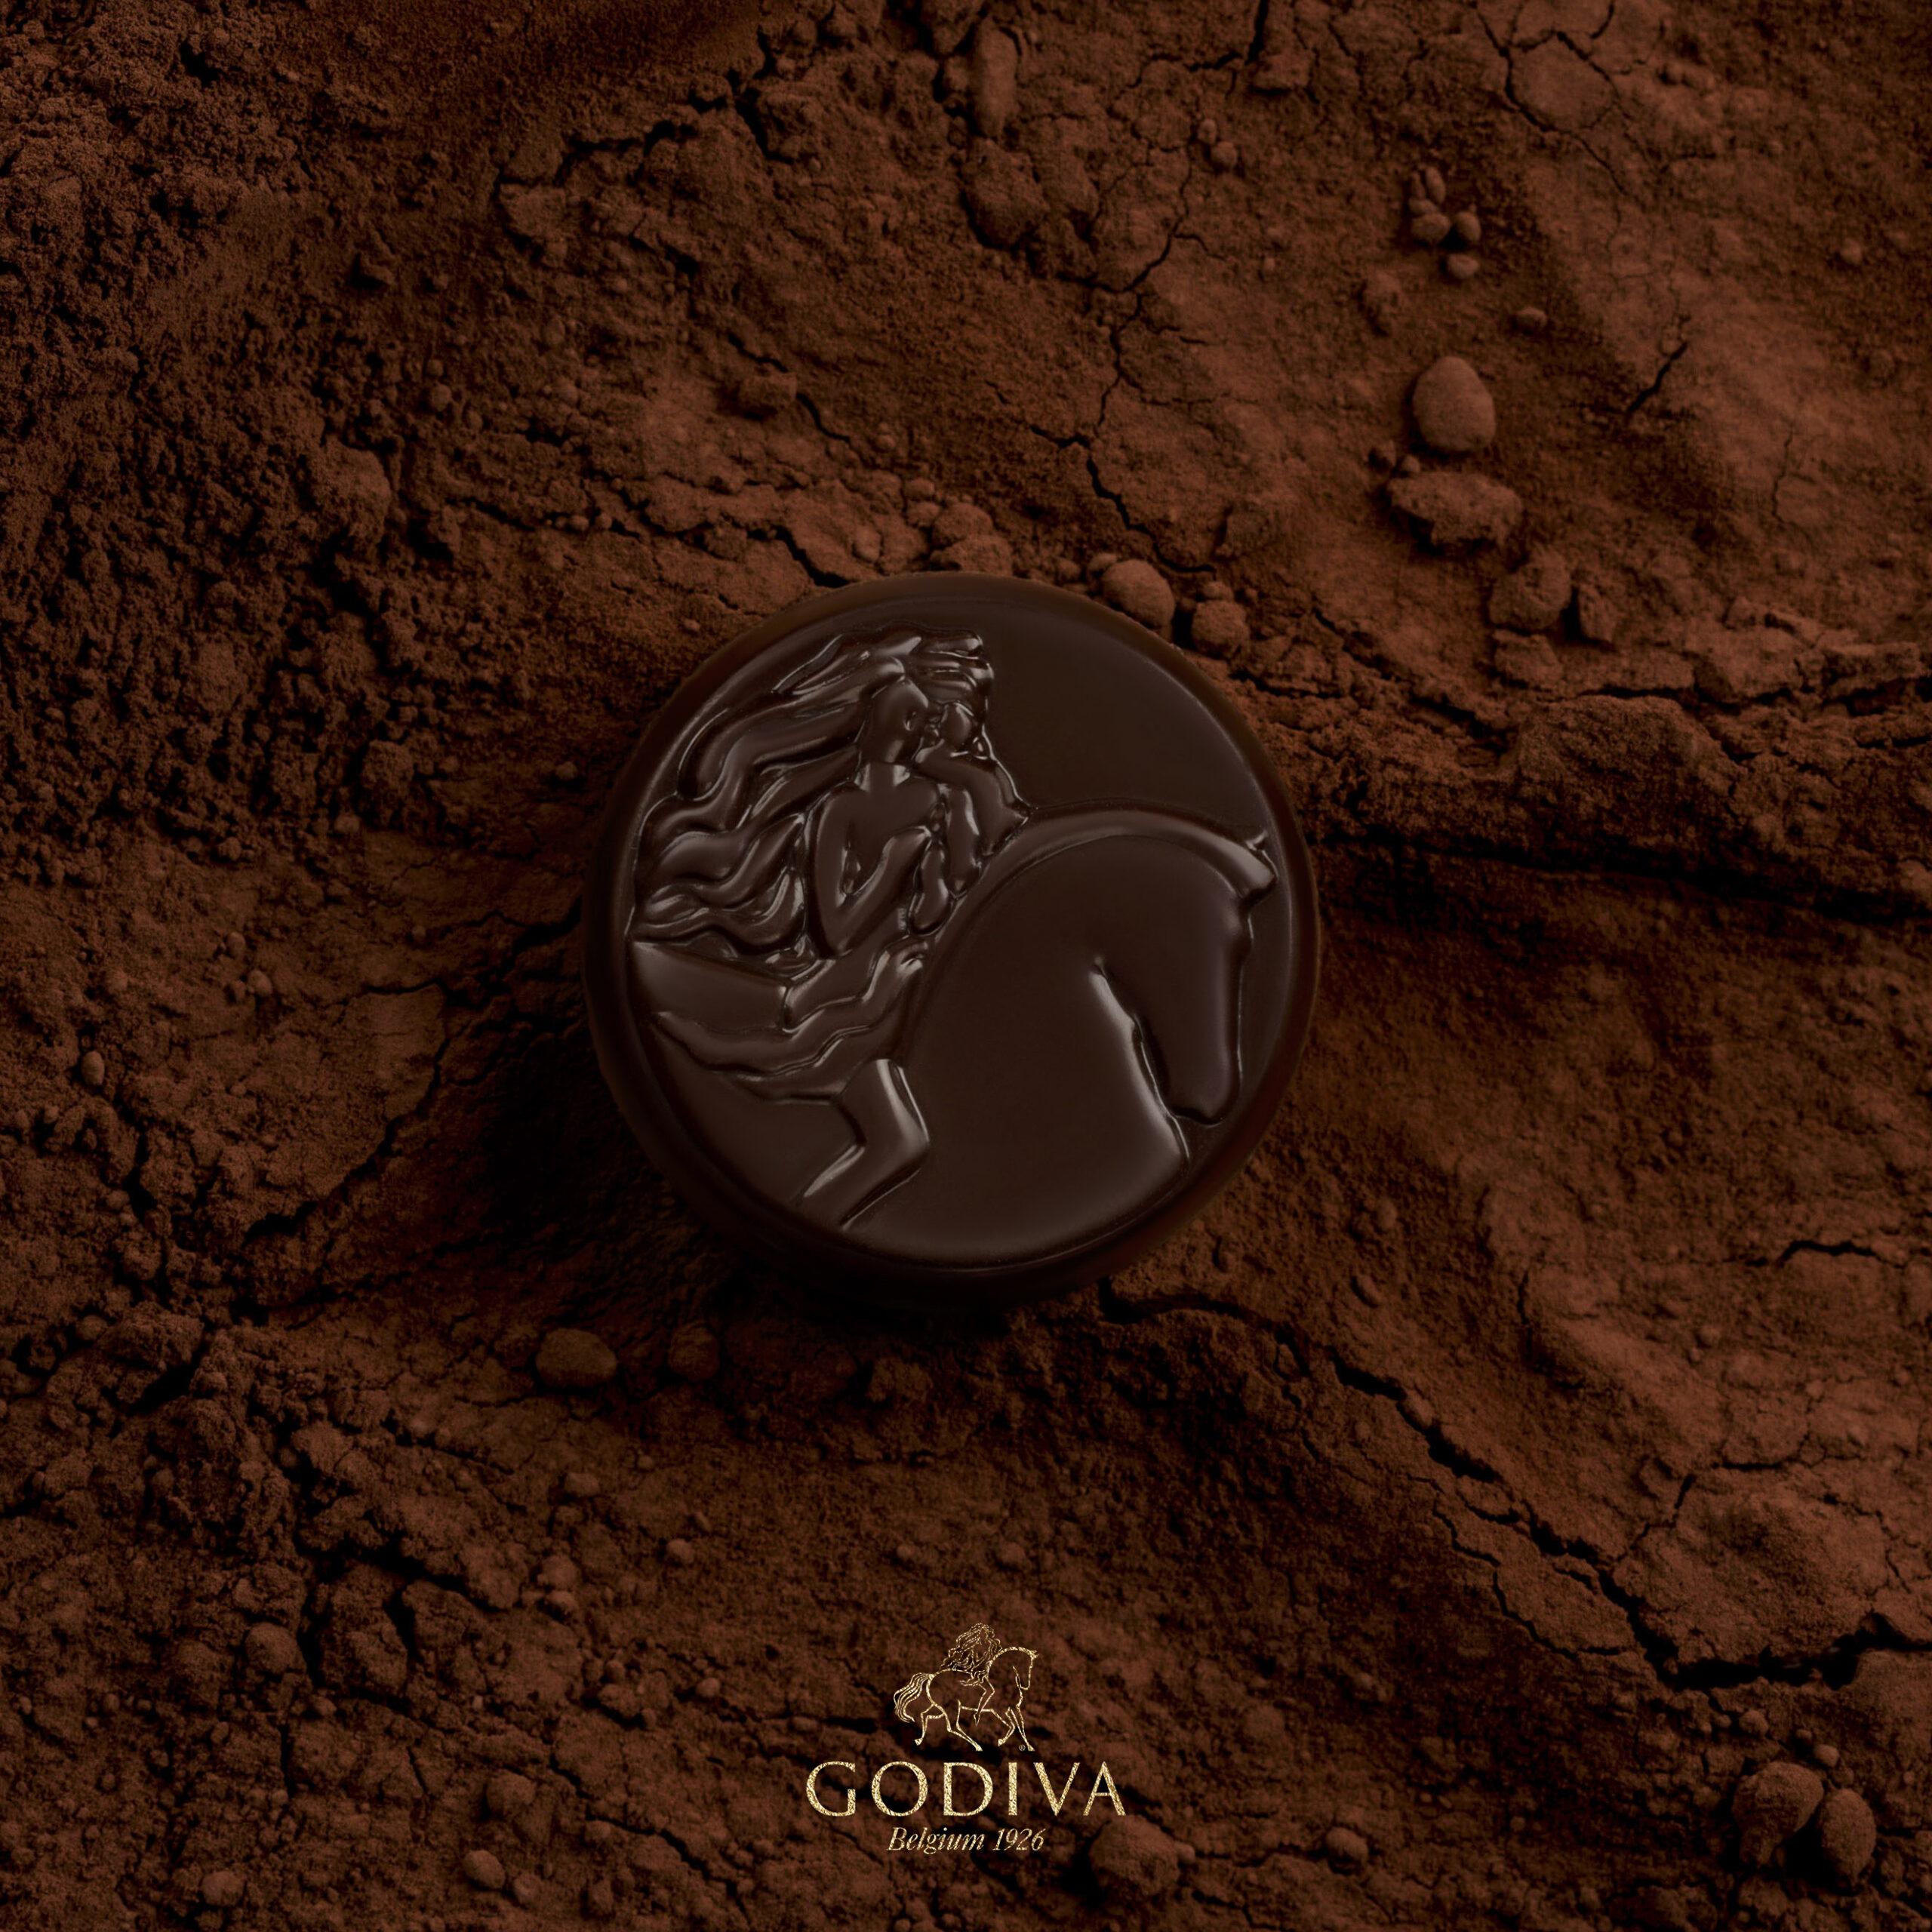 godiva_çiko_logo